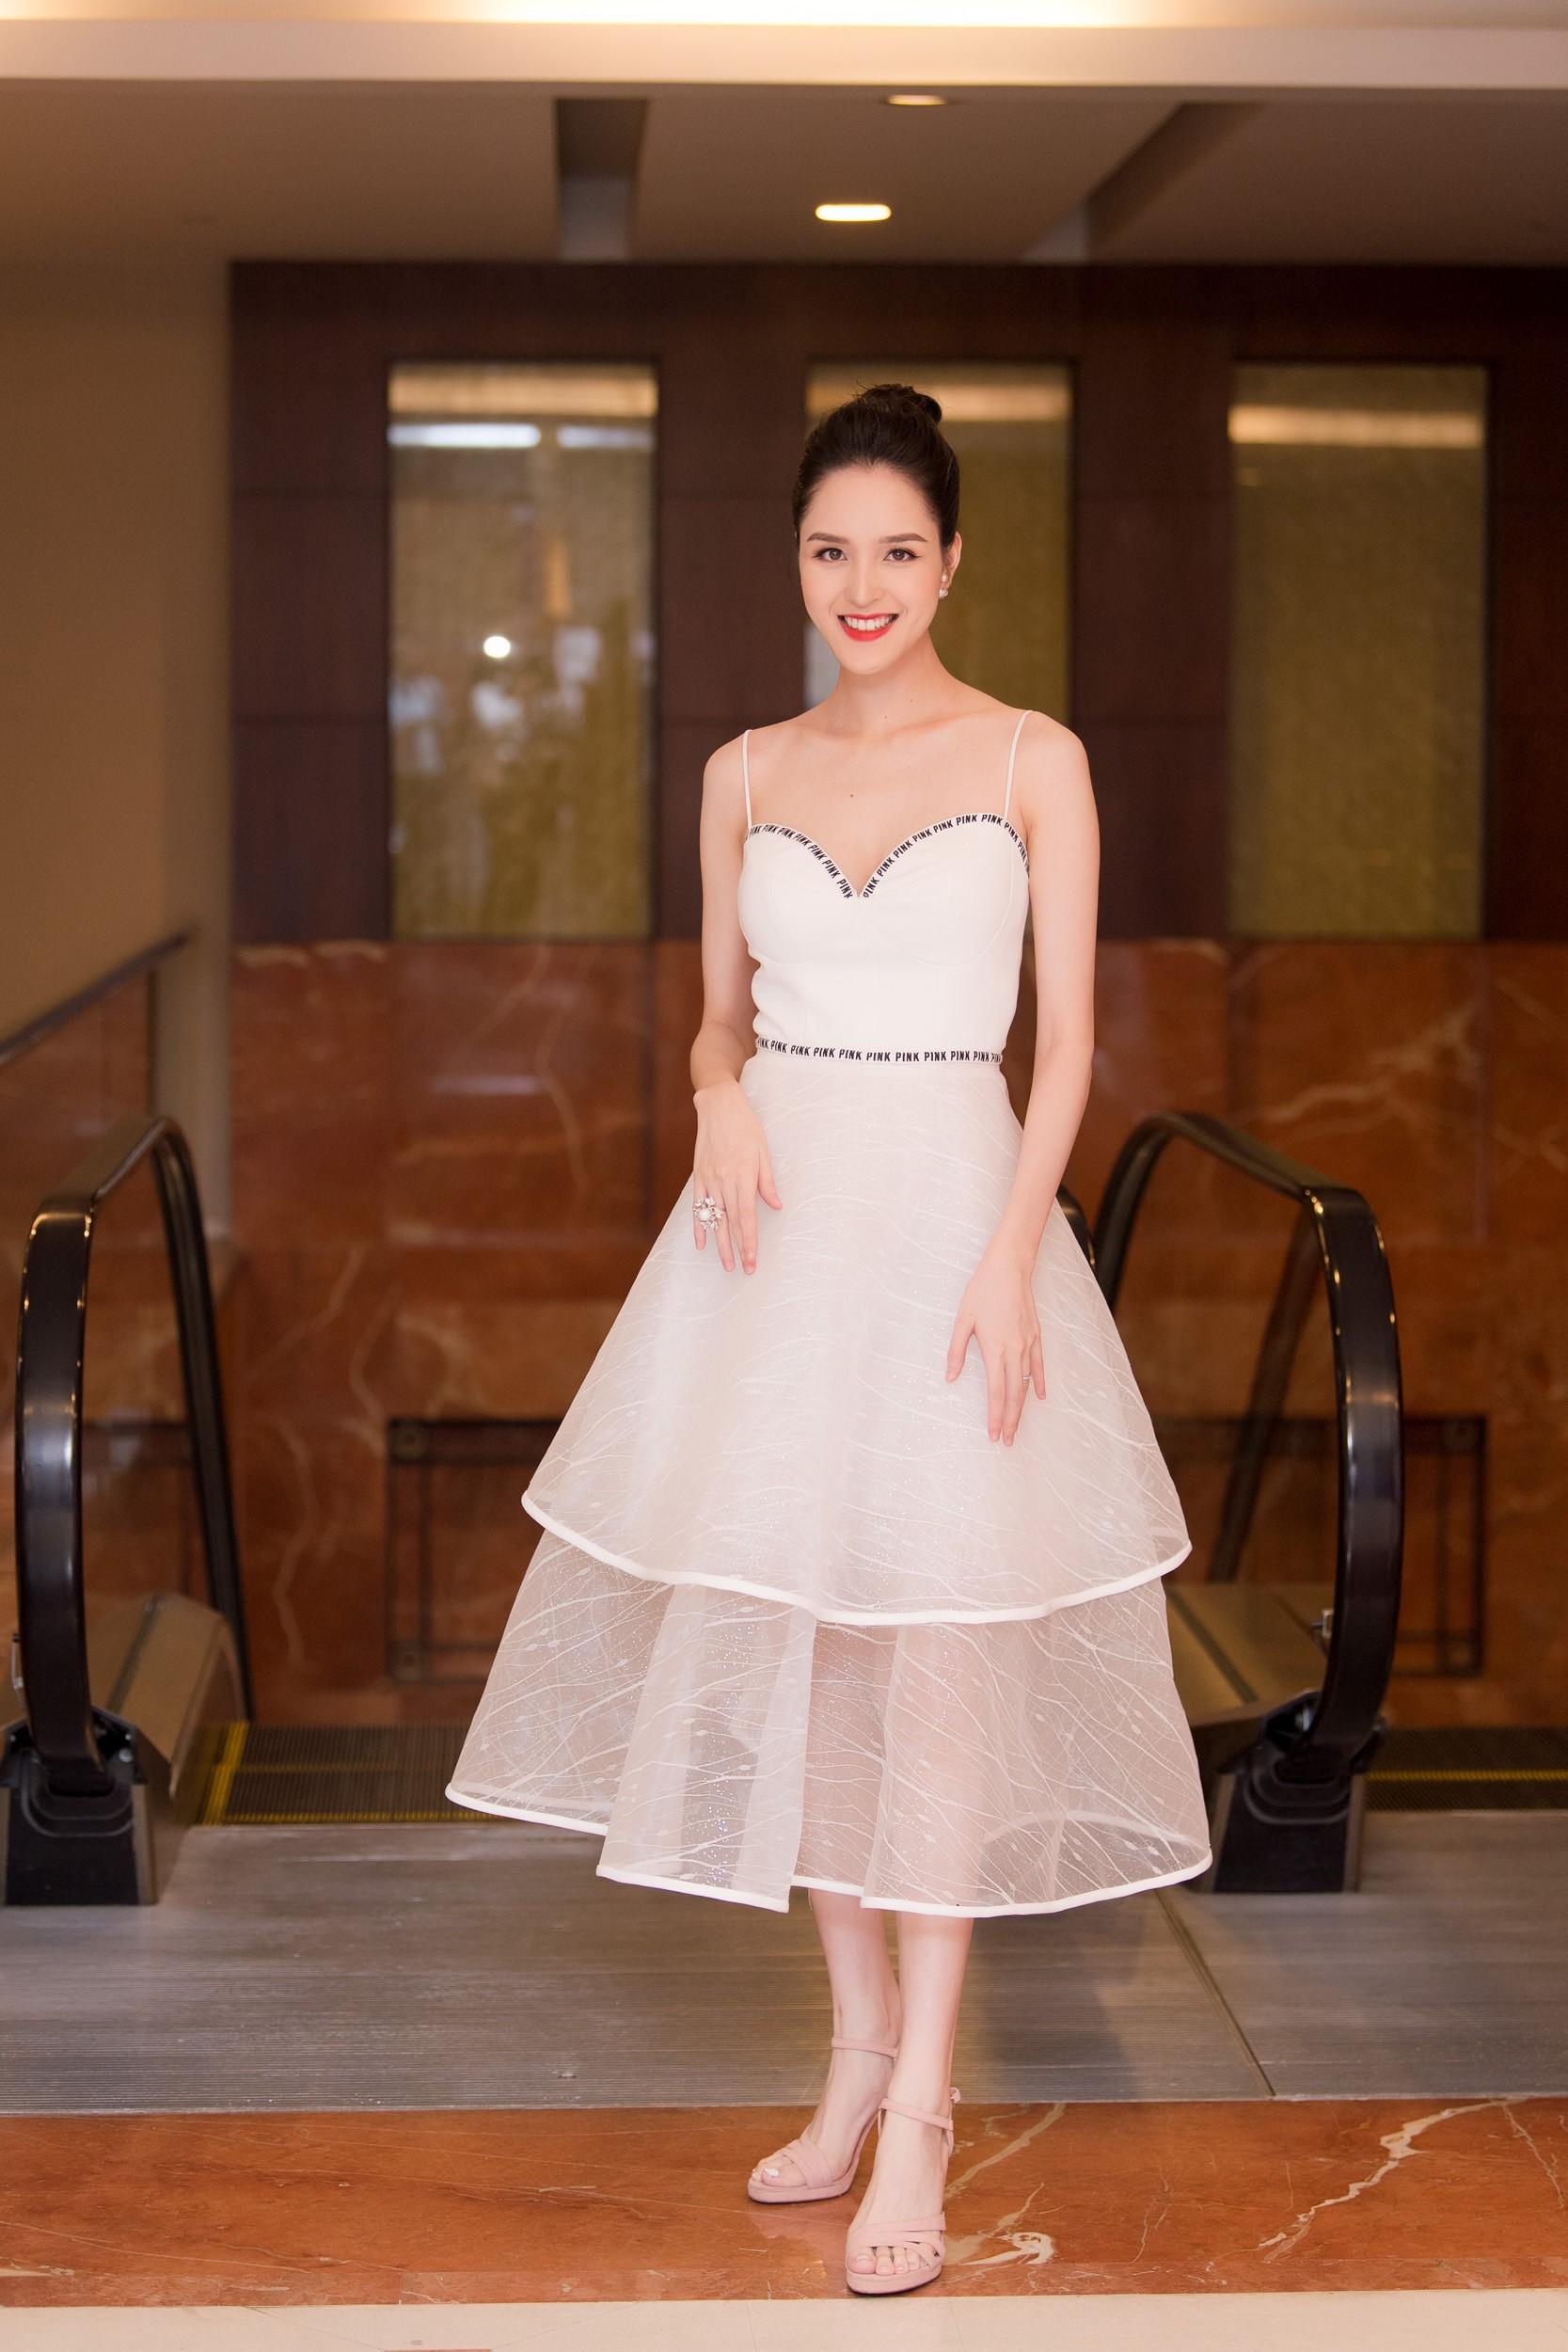 Hoa hậu Việt Nam 2018 mời bác sĩ nha khoa, nhân trắc học nhiều lần tránh để lọt thí sinh phẫu thuật thẩm mỹ - Ảnh 9.